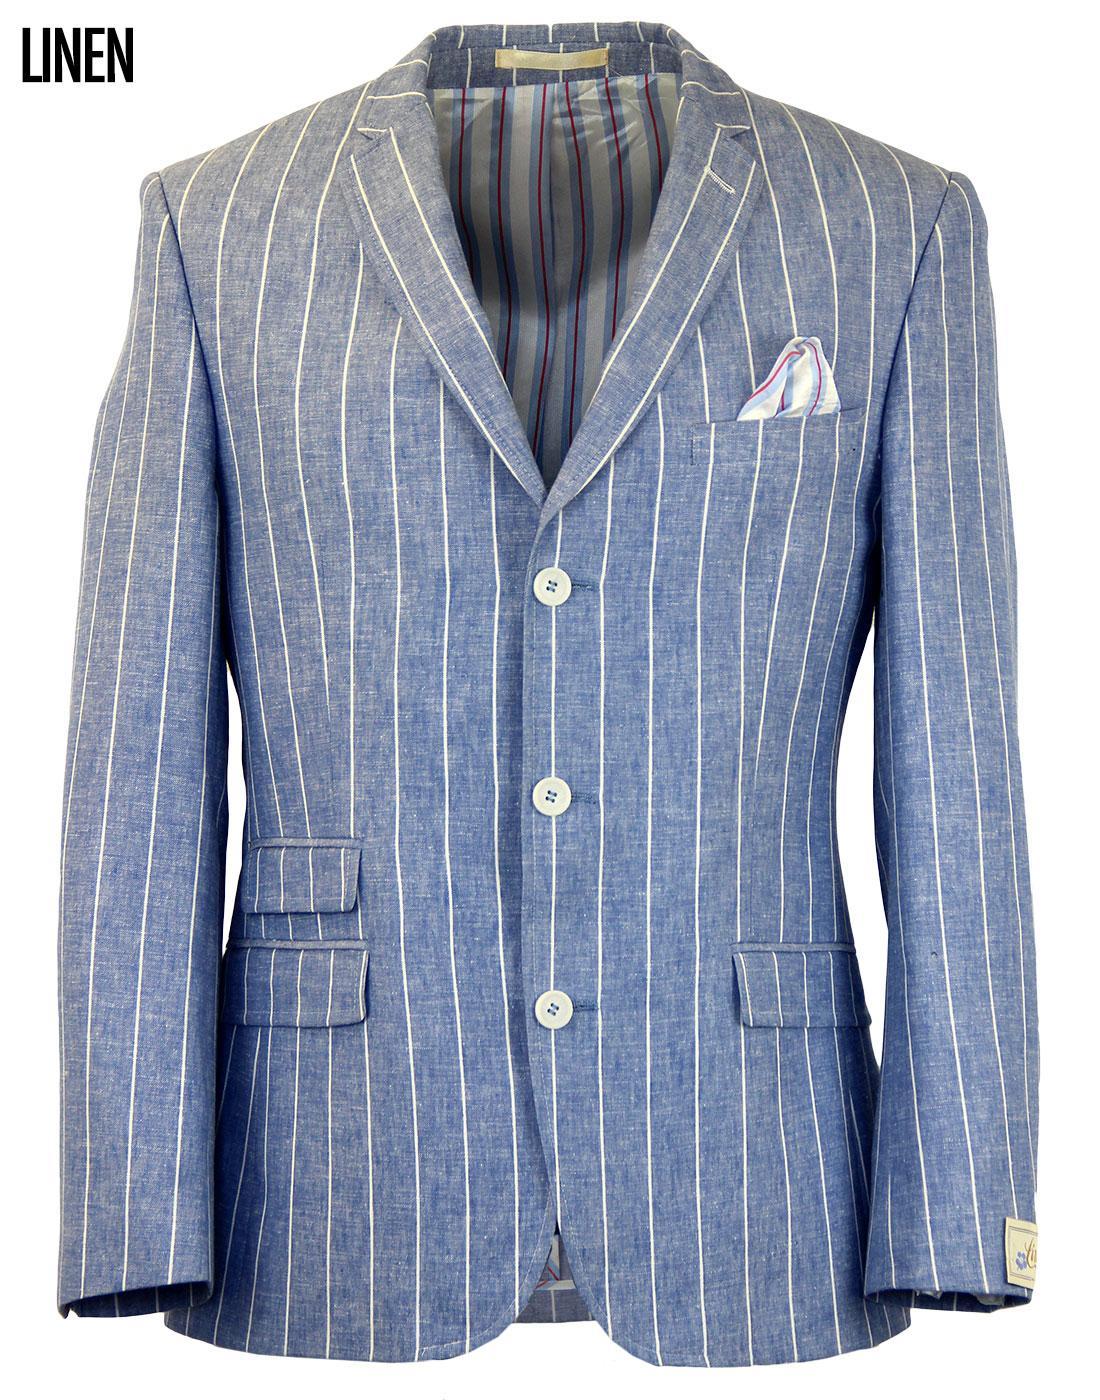 Retro 60s Mod Linen Stripe 3 Button Summer Blazer